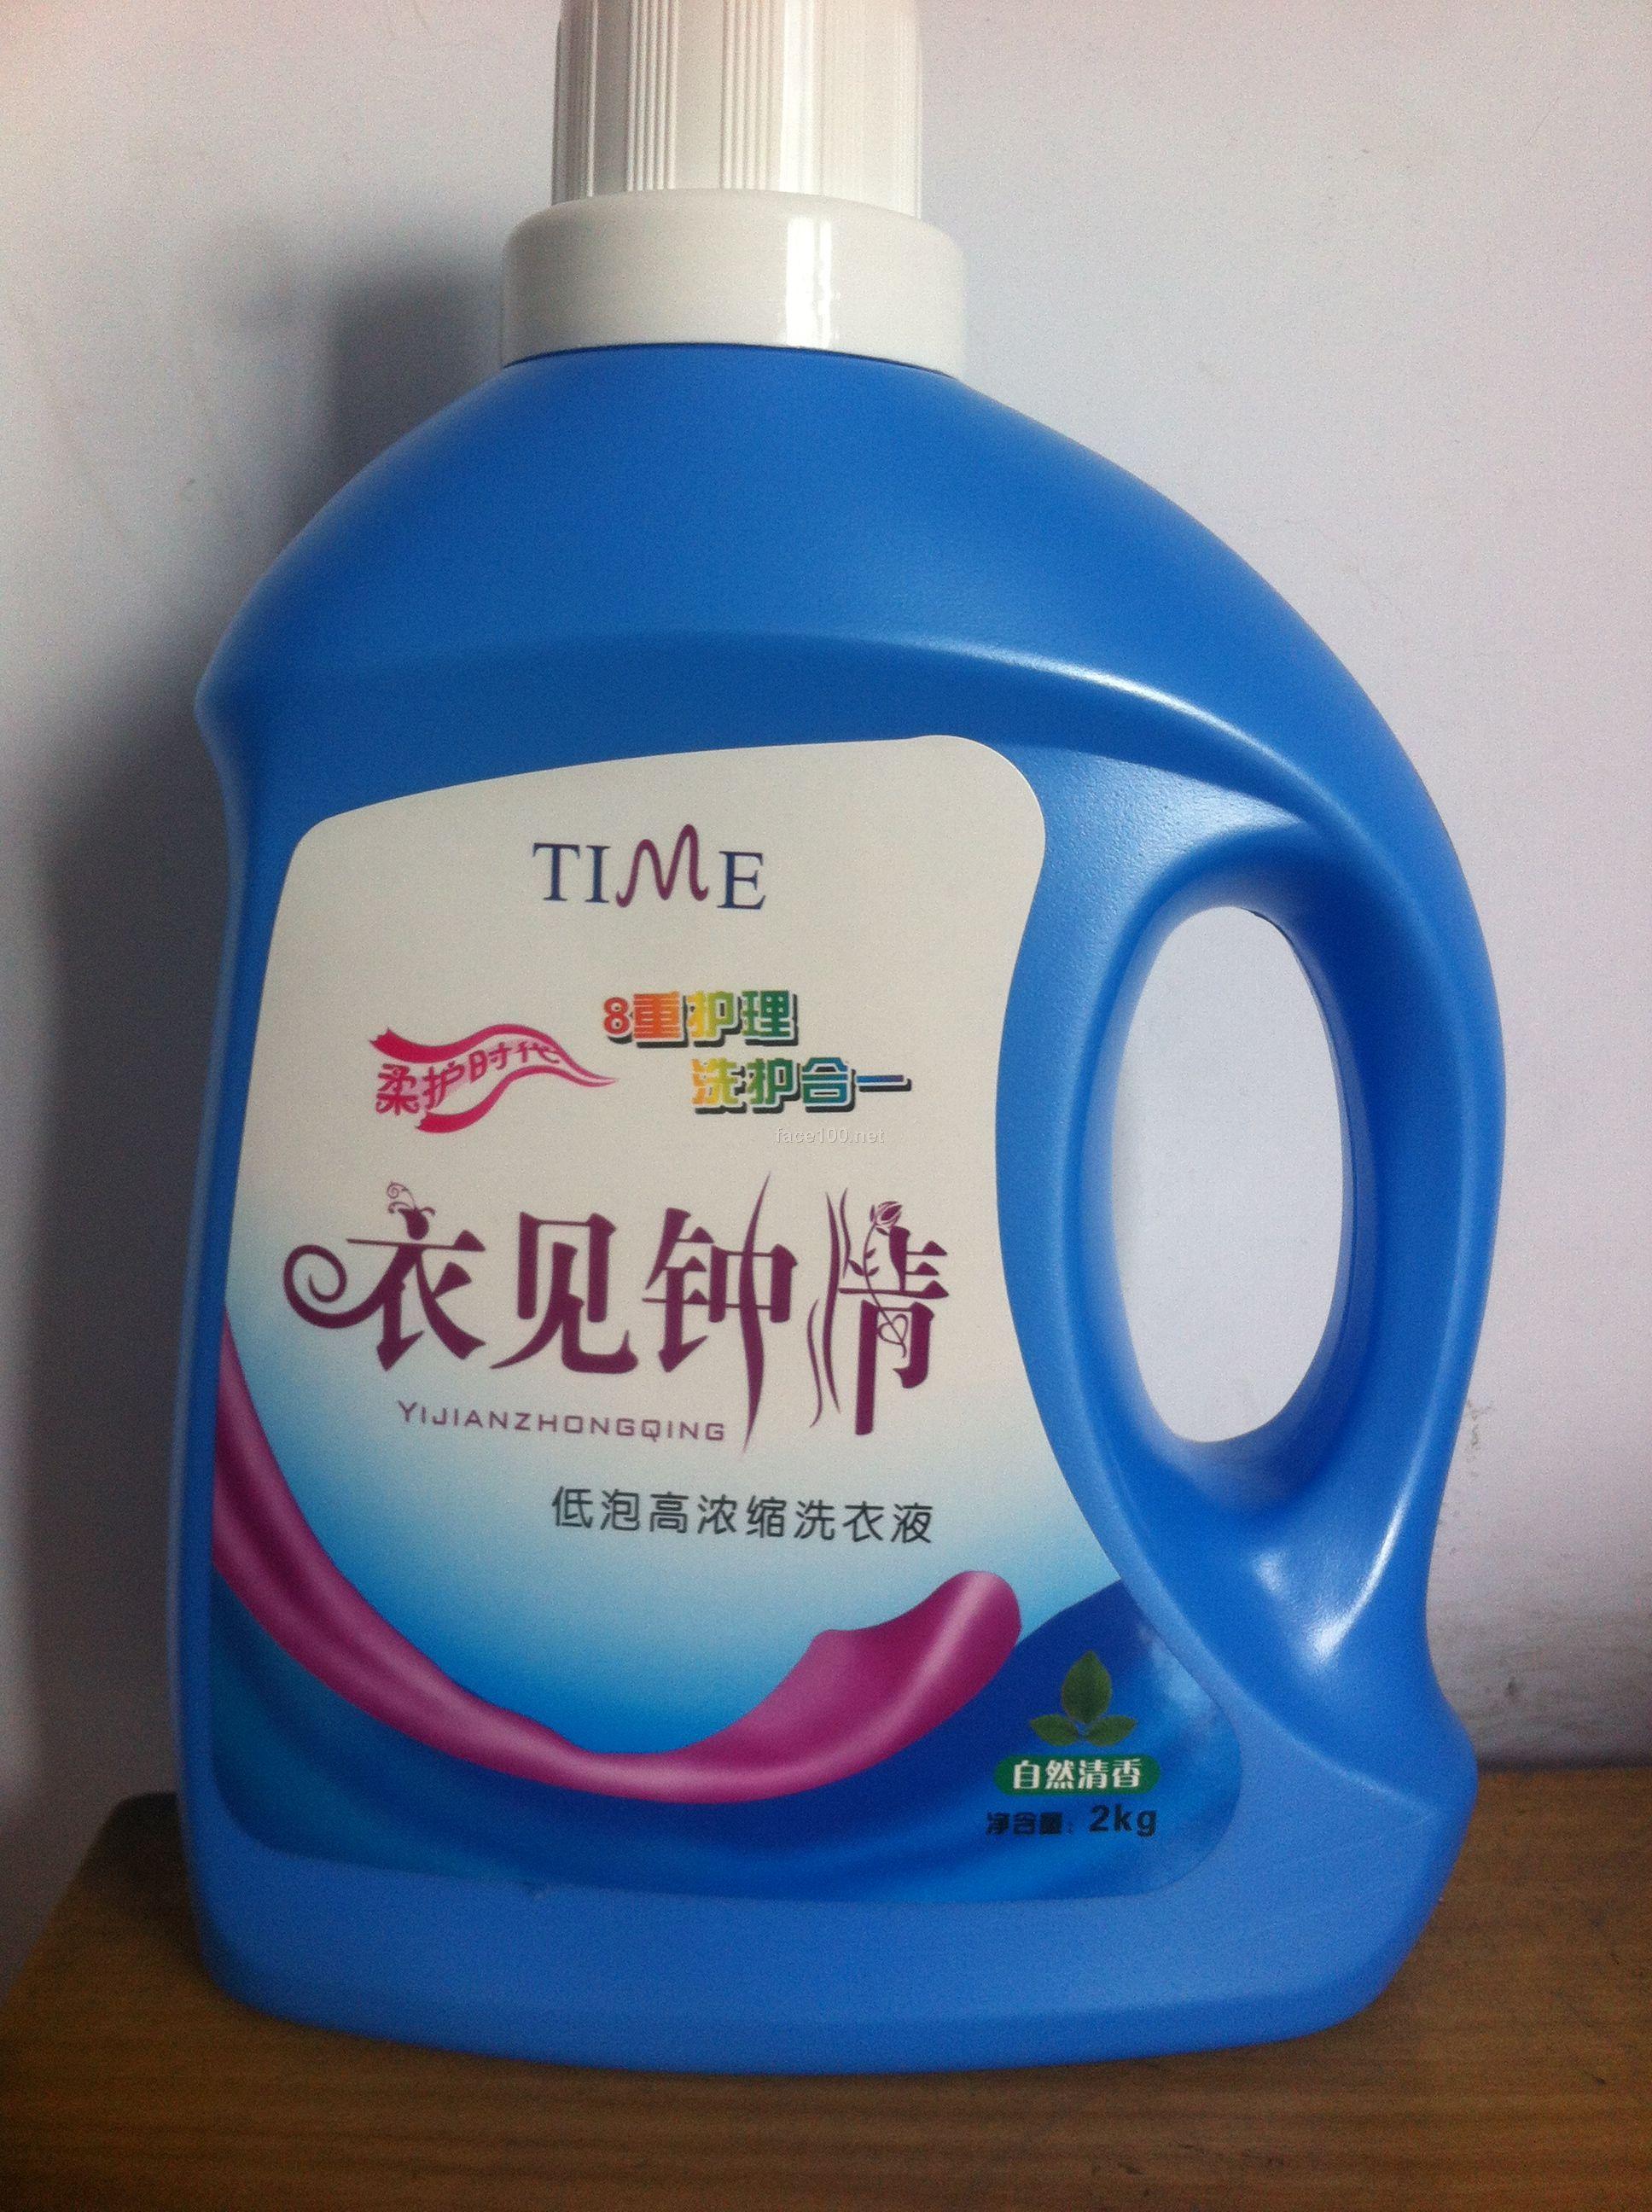 2公斤瓶装自然清香衣见钟情洗衣液全国招商